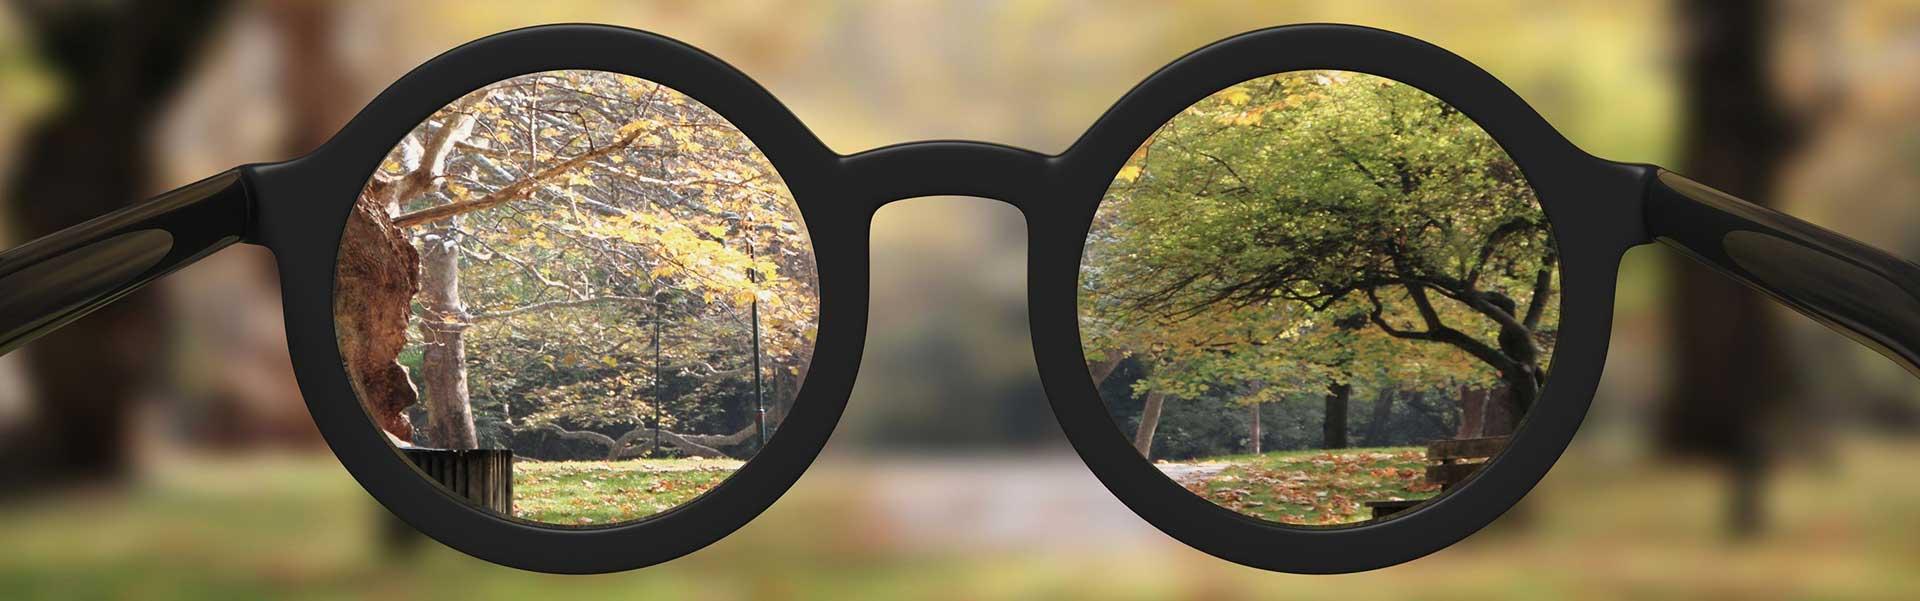 818ae3a0bbf Lenses